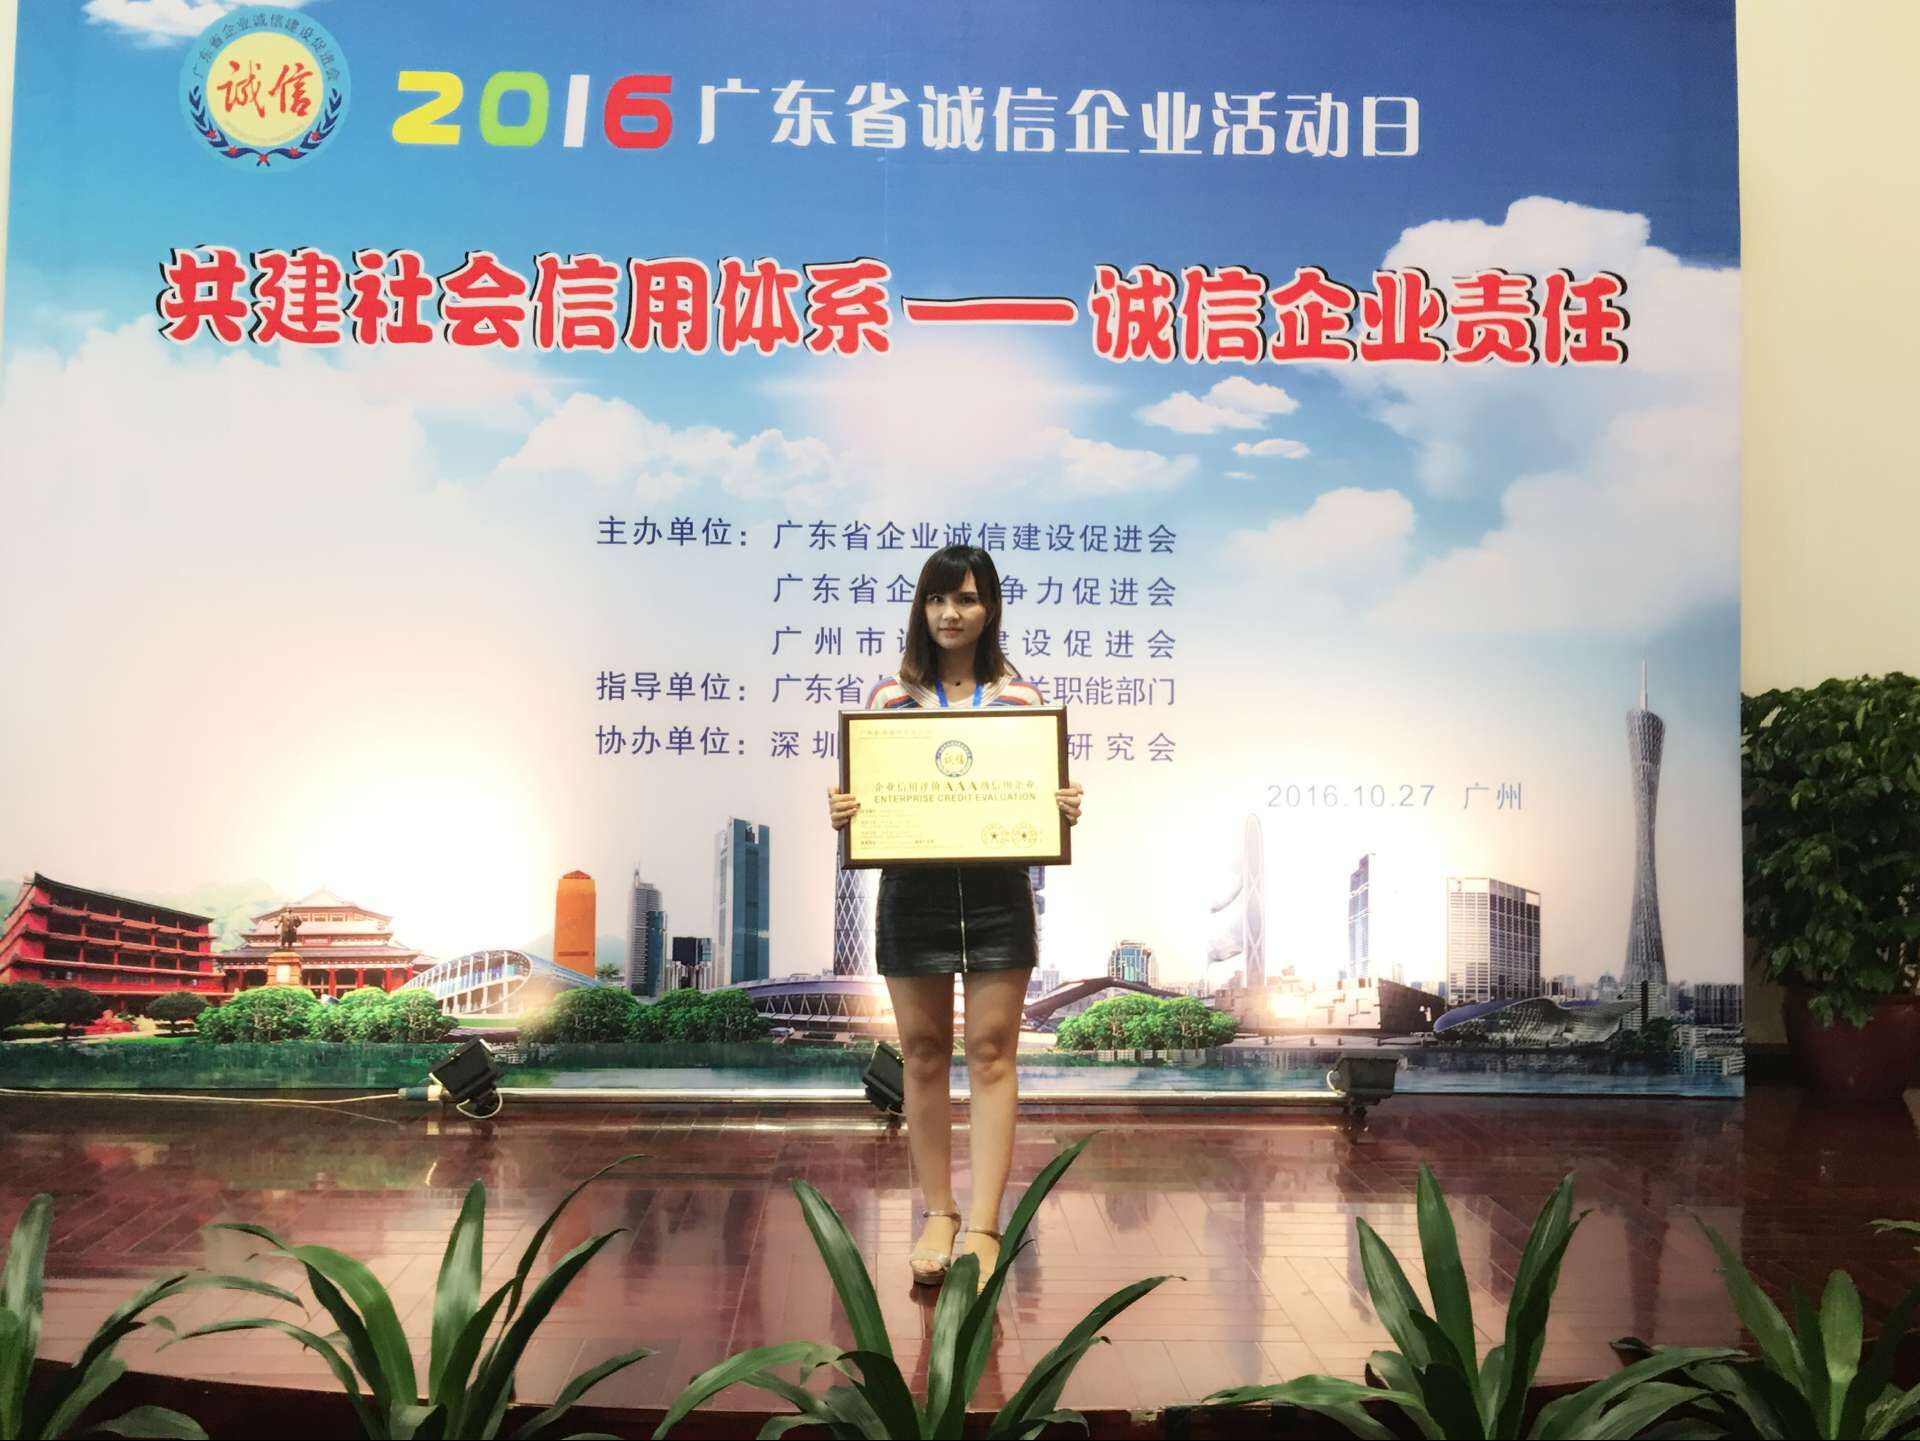 广州市新港建材有限公司在2016年广东省城信企业活动日中荣获证书